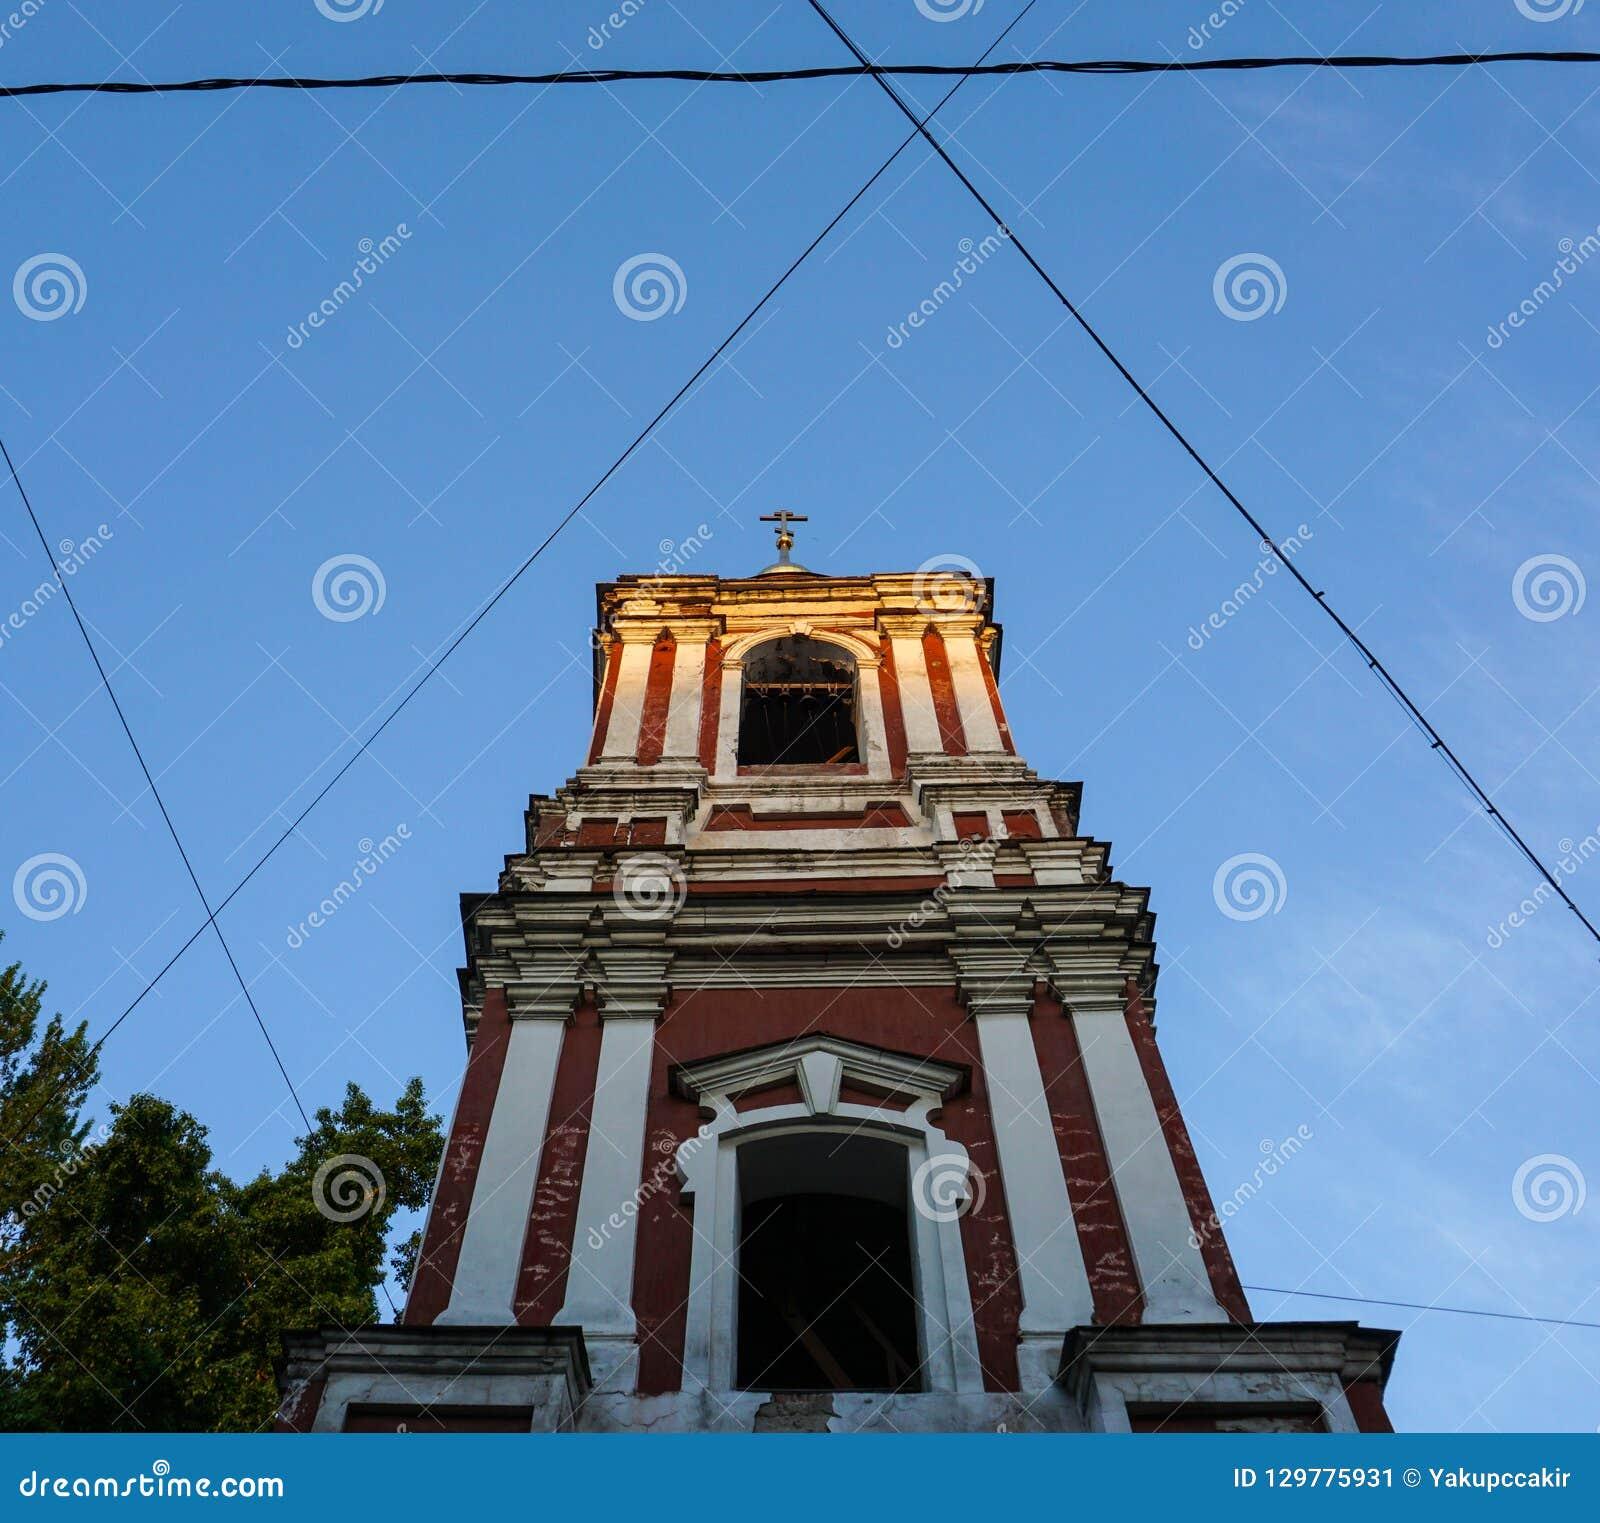 Orthodoxes Kapellenturmäußeres innerhalb der symmetrischen Kabel